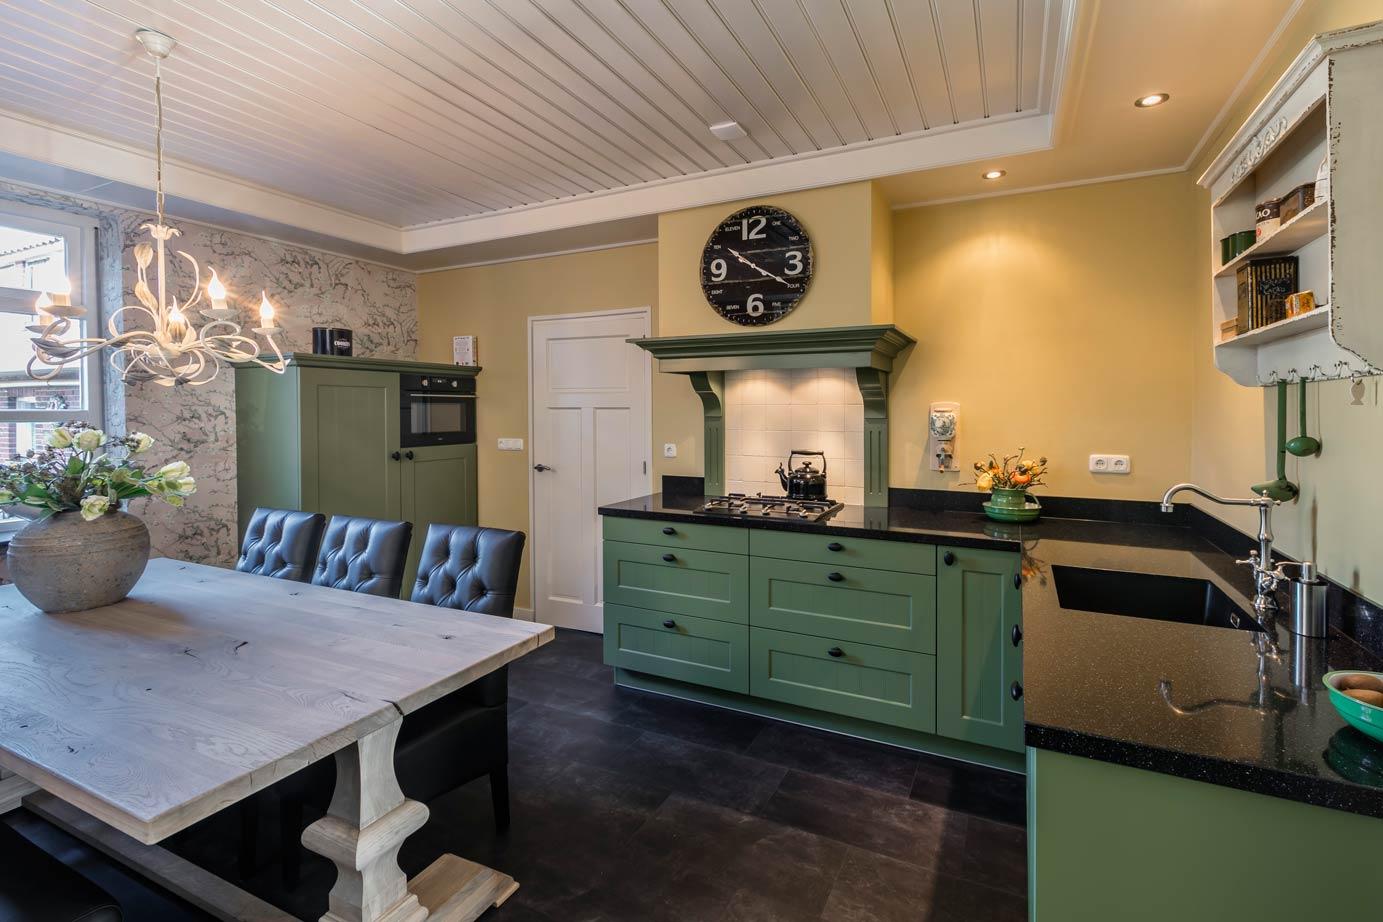 Tegels Groen Keuken : Hier een voorbeeld van tegel no geplaatst in een keuken